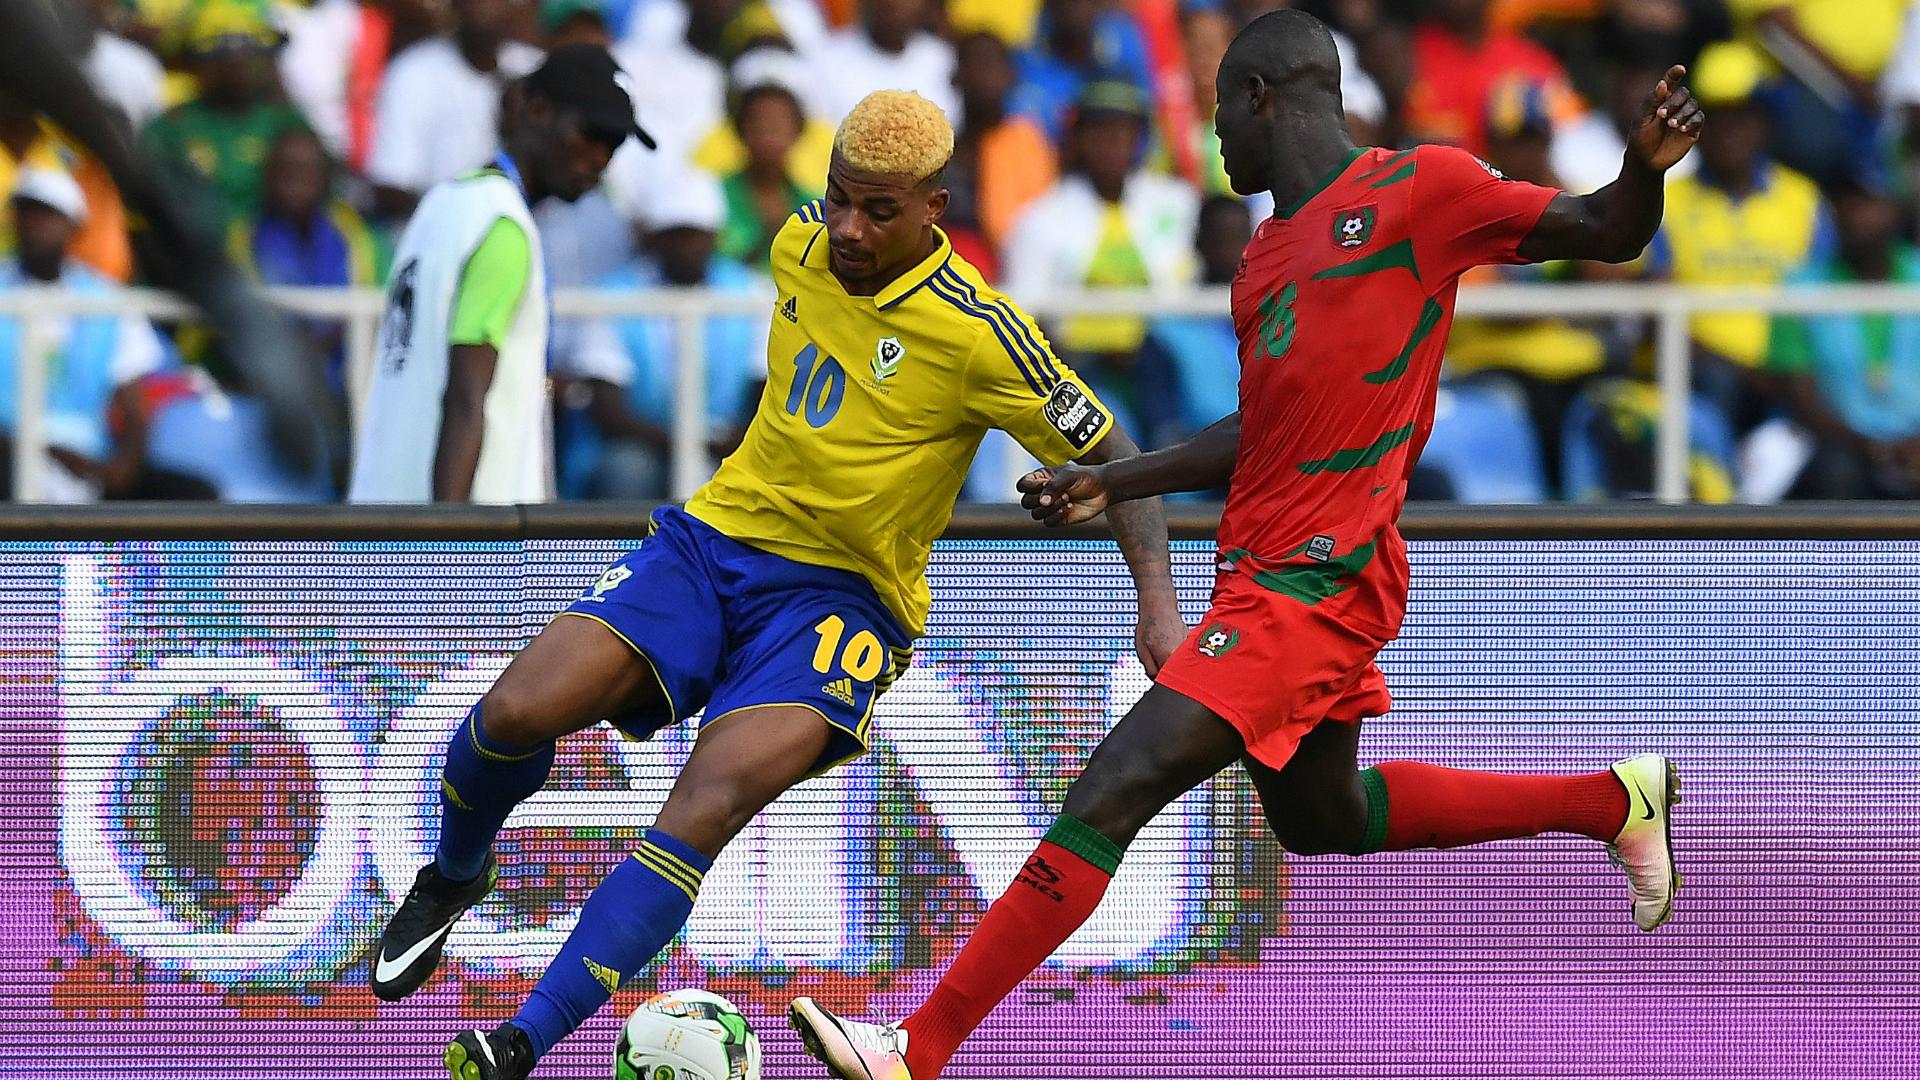 Coppa d'Africa: Lemina si ferma, frattura da stress al piede